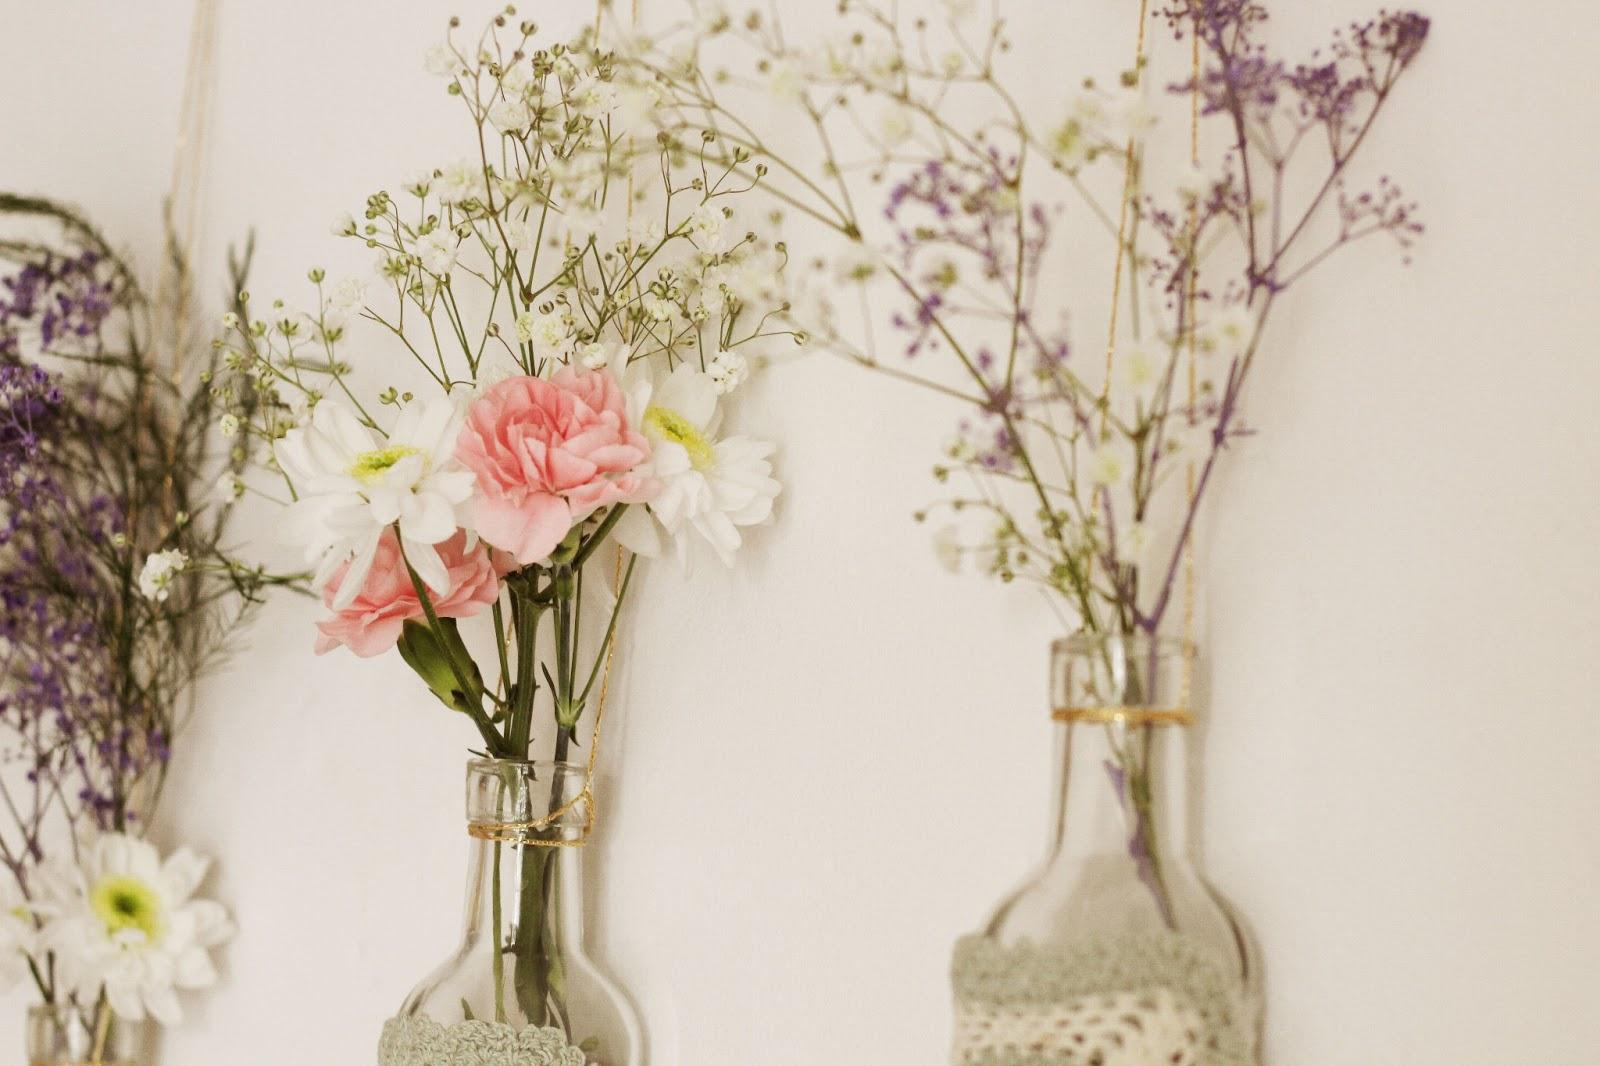 DIY flower wall hangings